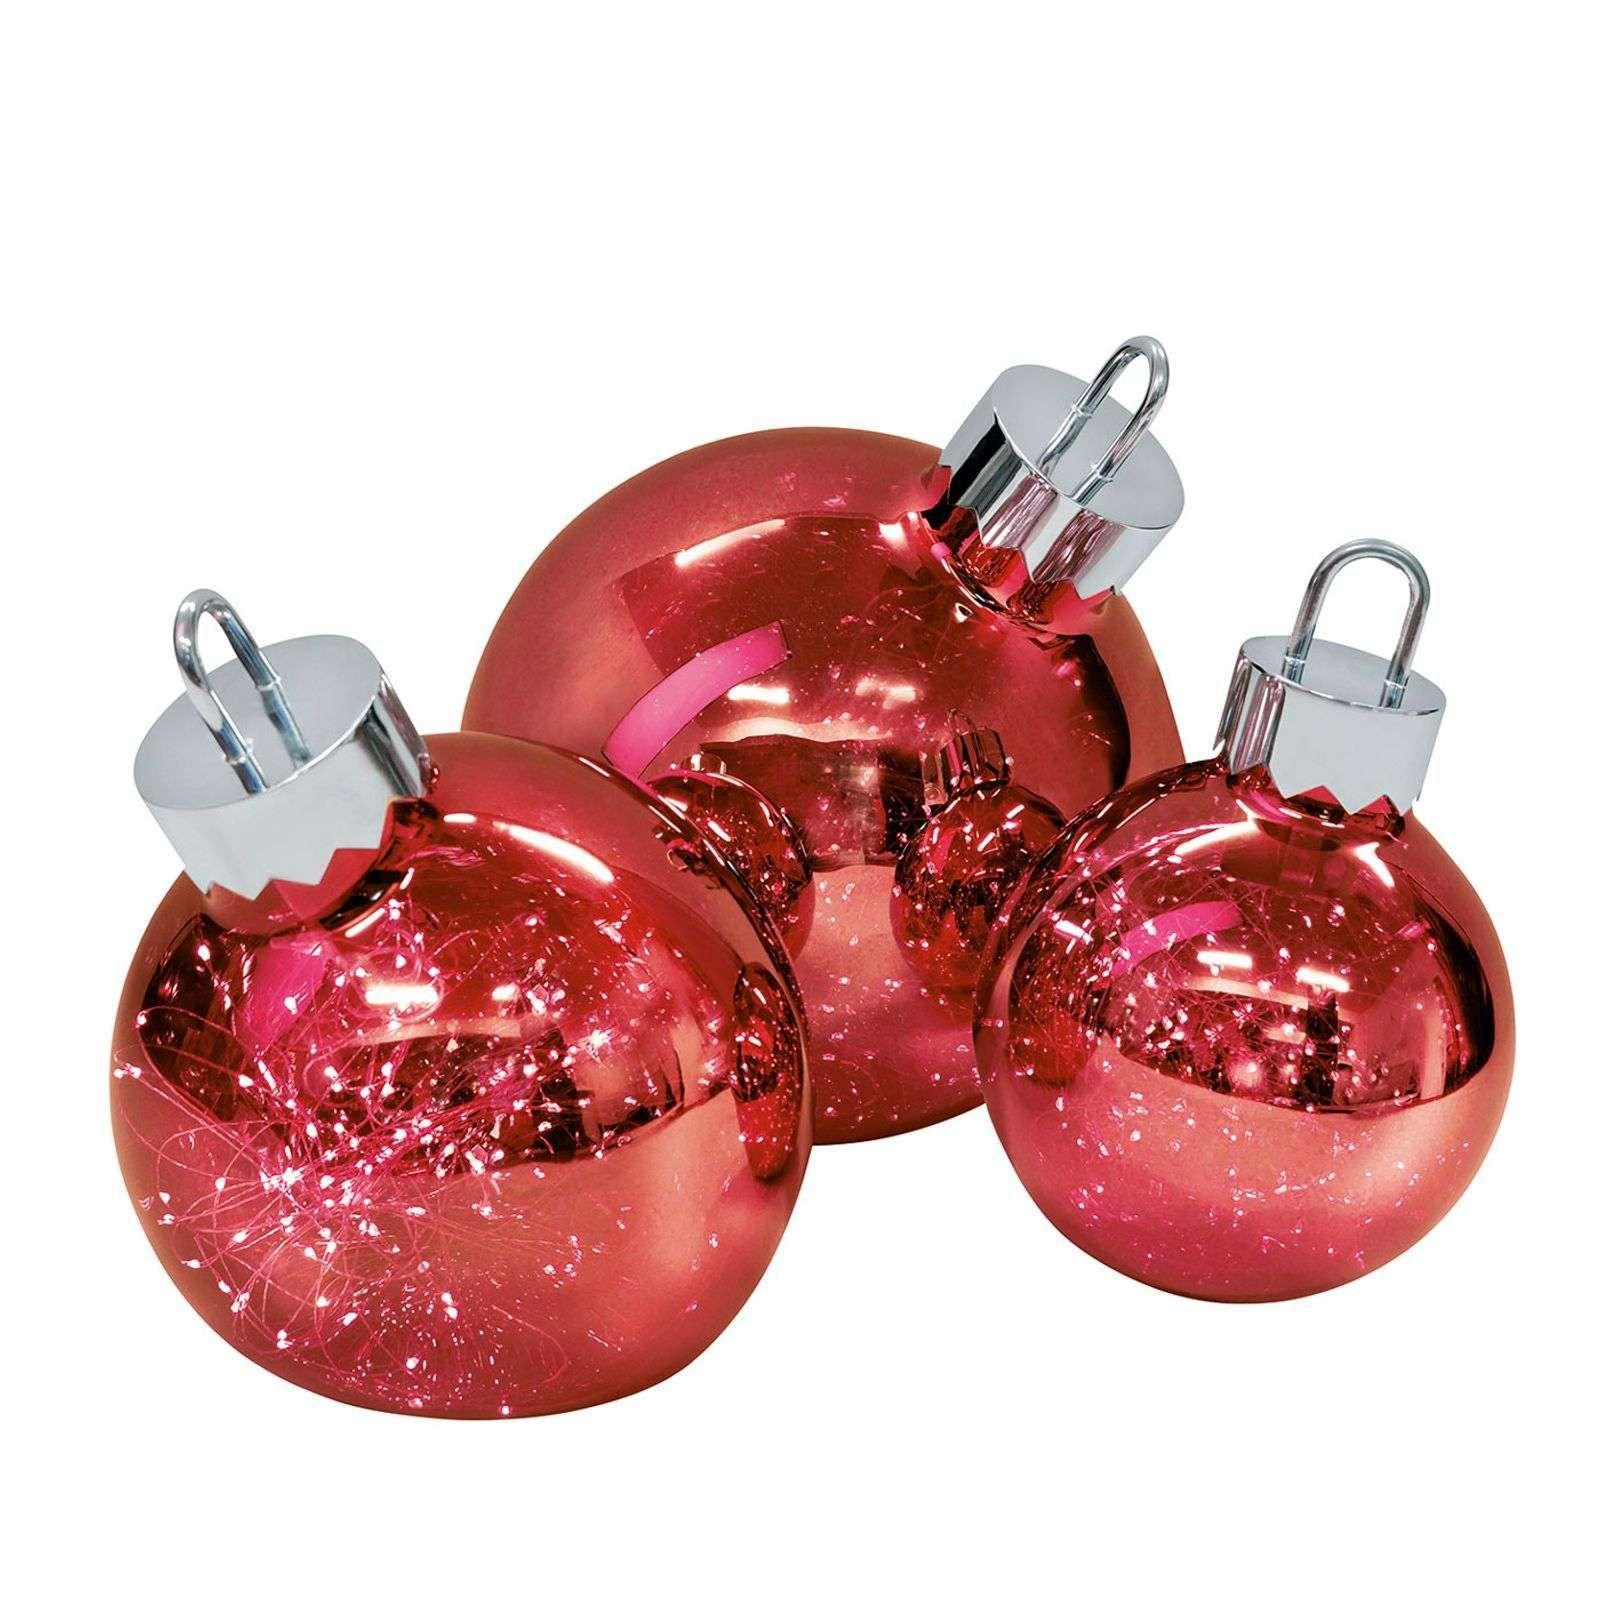 Lampe décorative Ornament, rouge foncé, Ø 20 cm en 2020 | Boule en